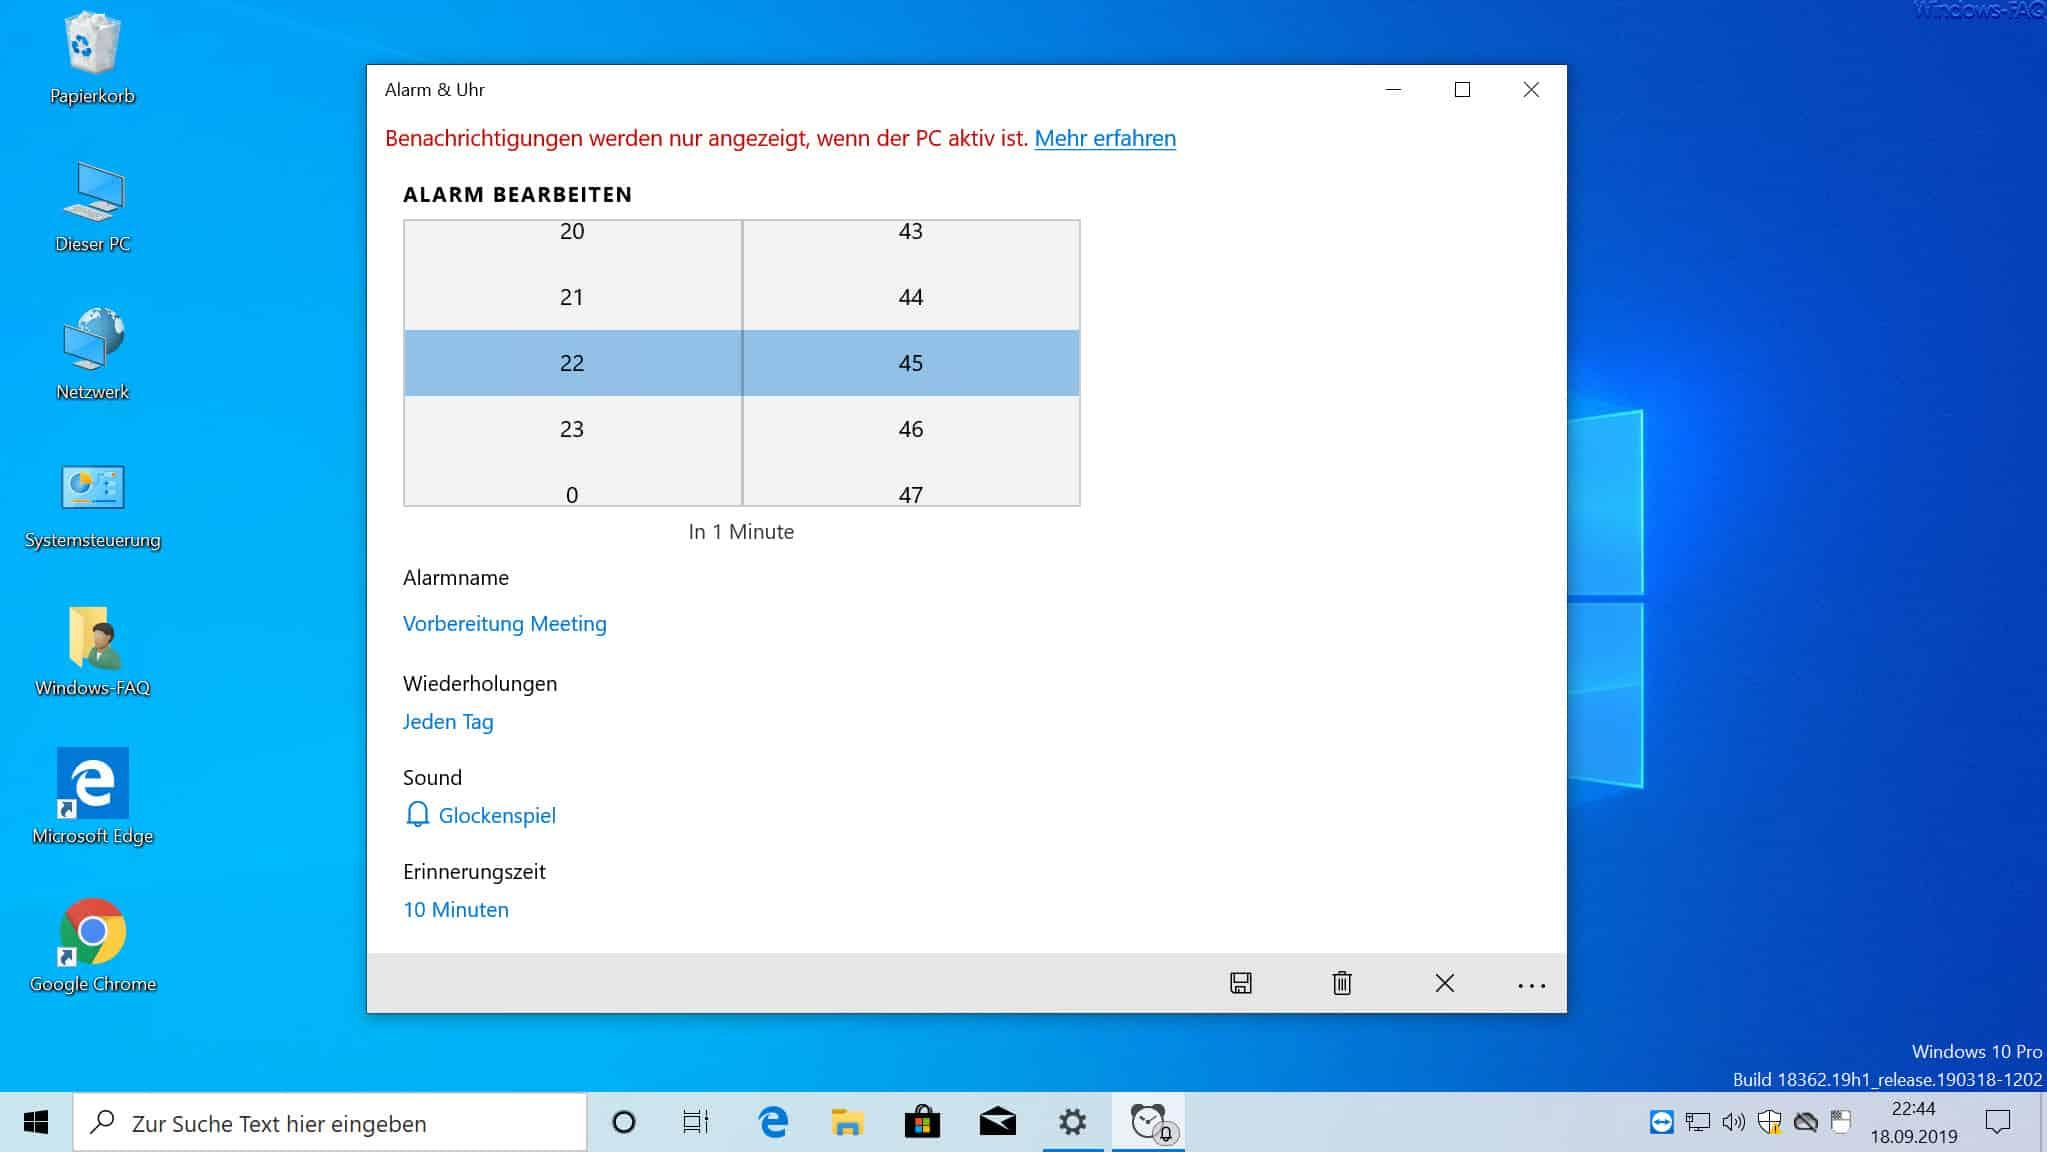 Alarm bearbeiten Windows 10